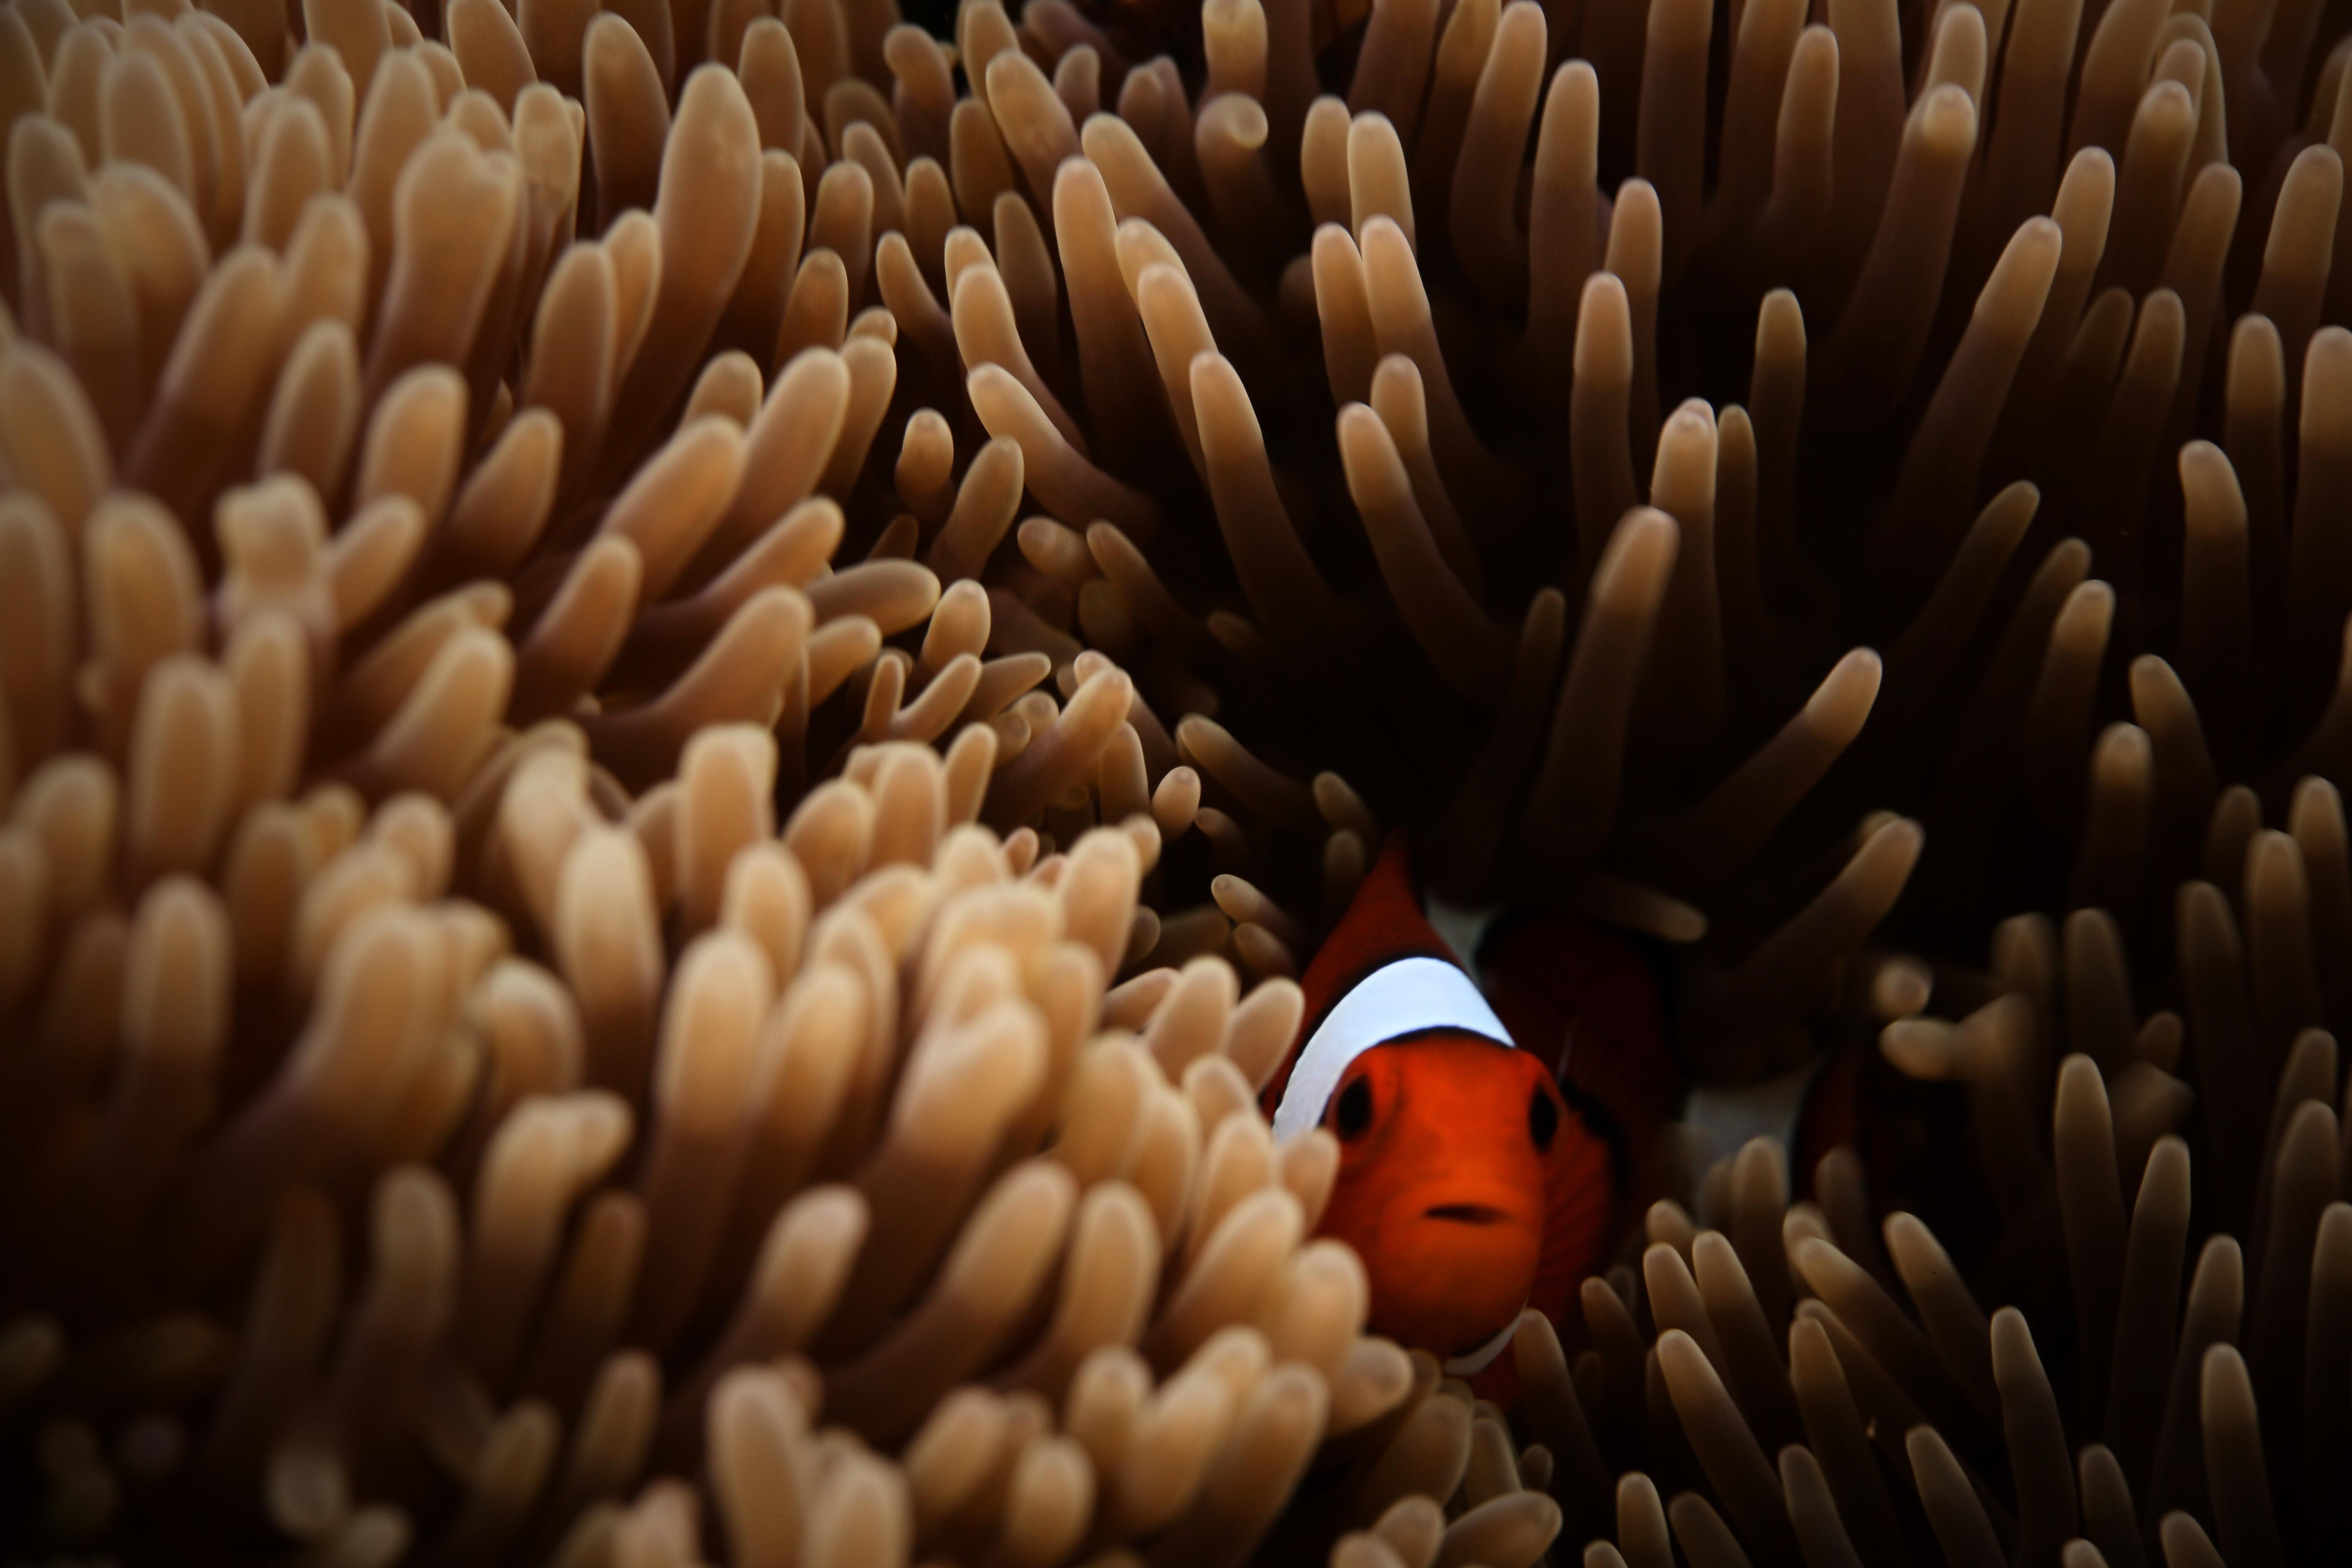 1600x1200 Clownfish Sea 5k 1600x1200 Resolution Hd 4k